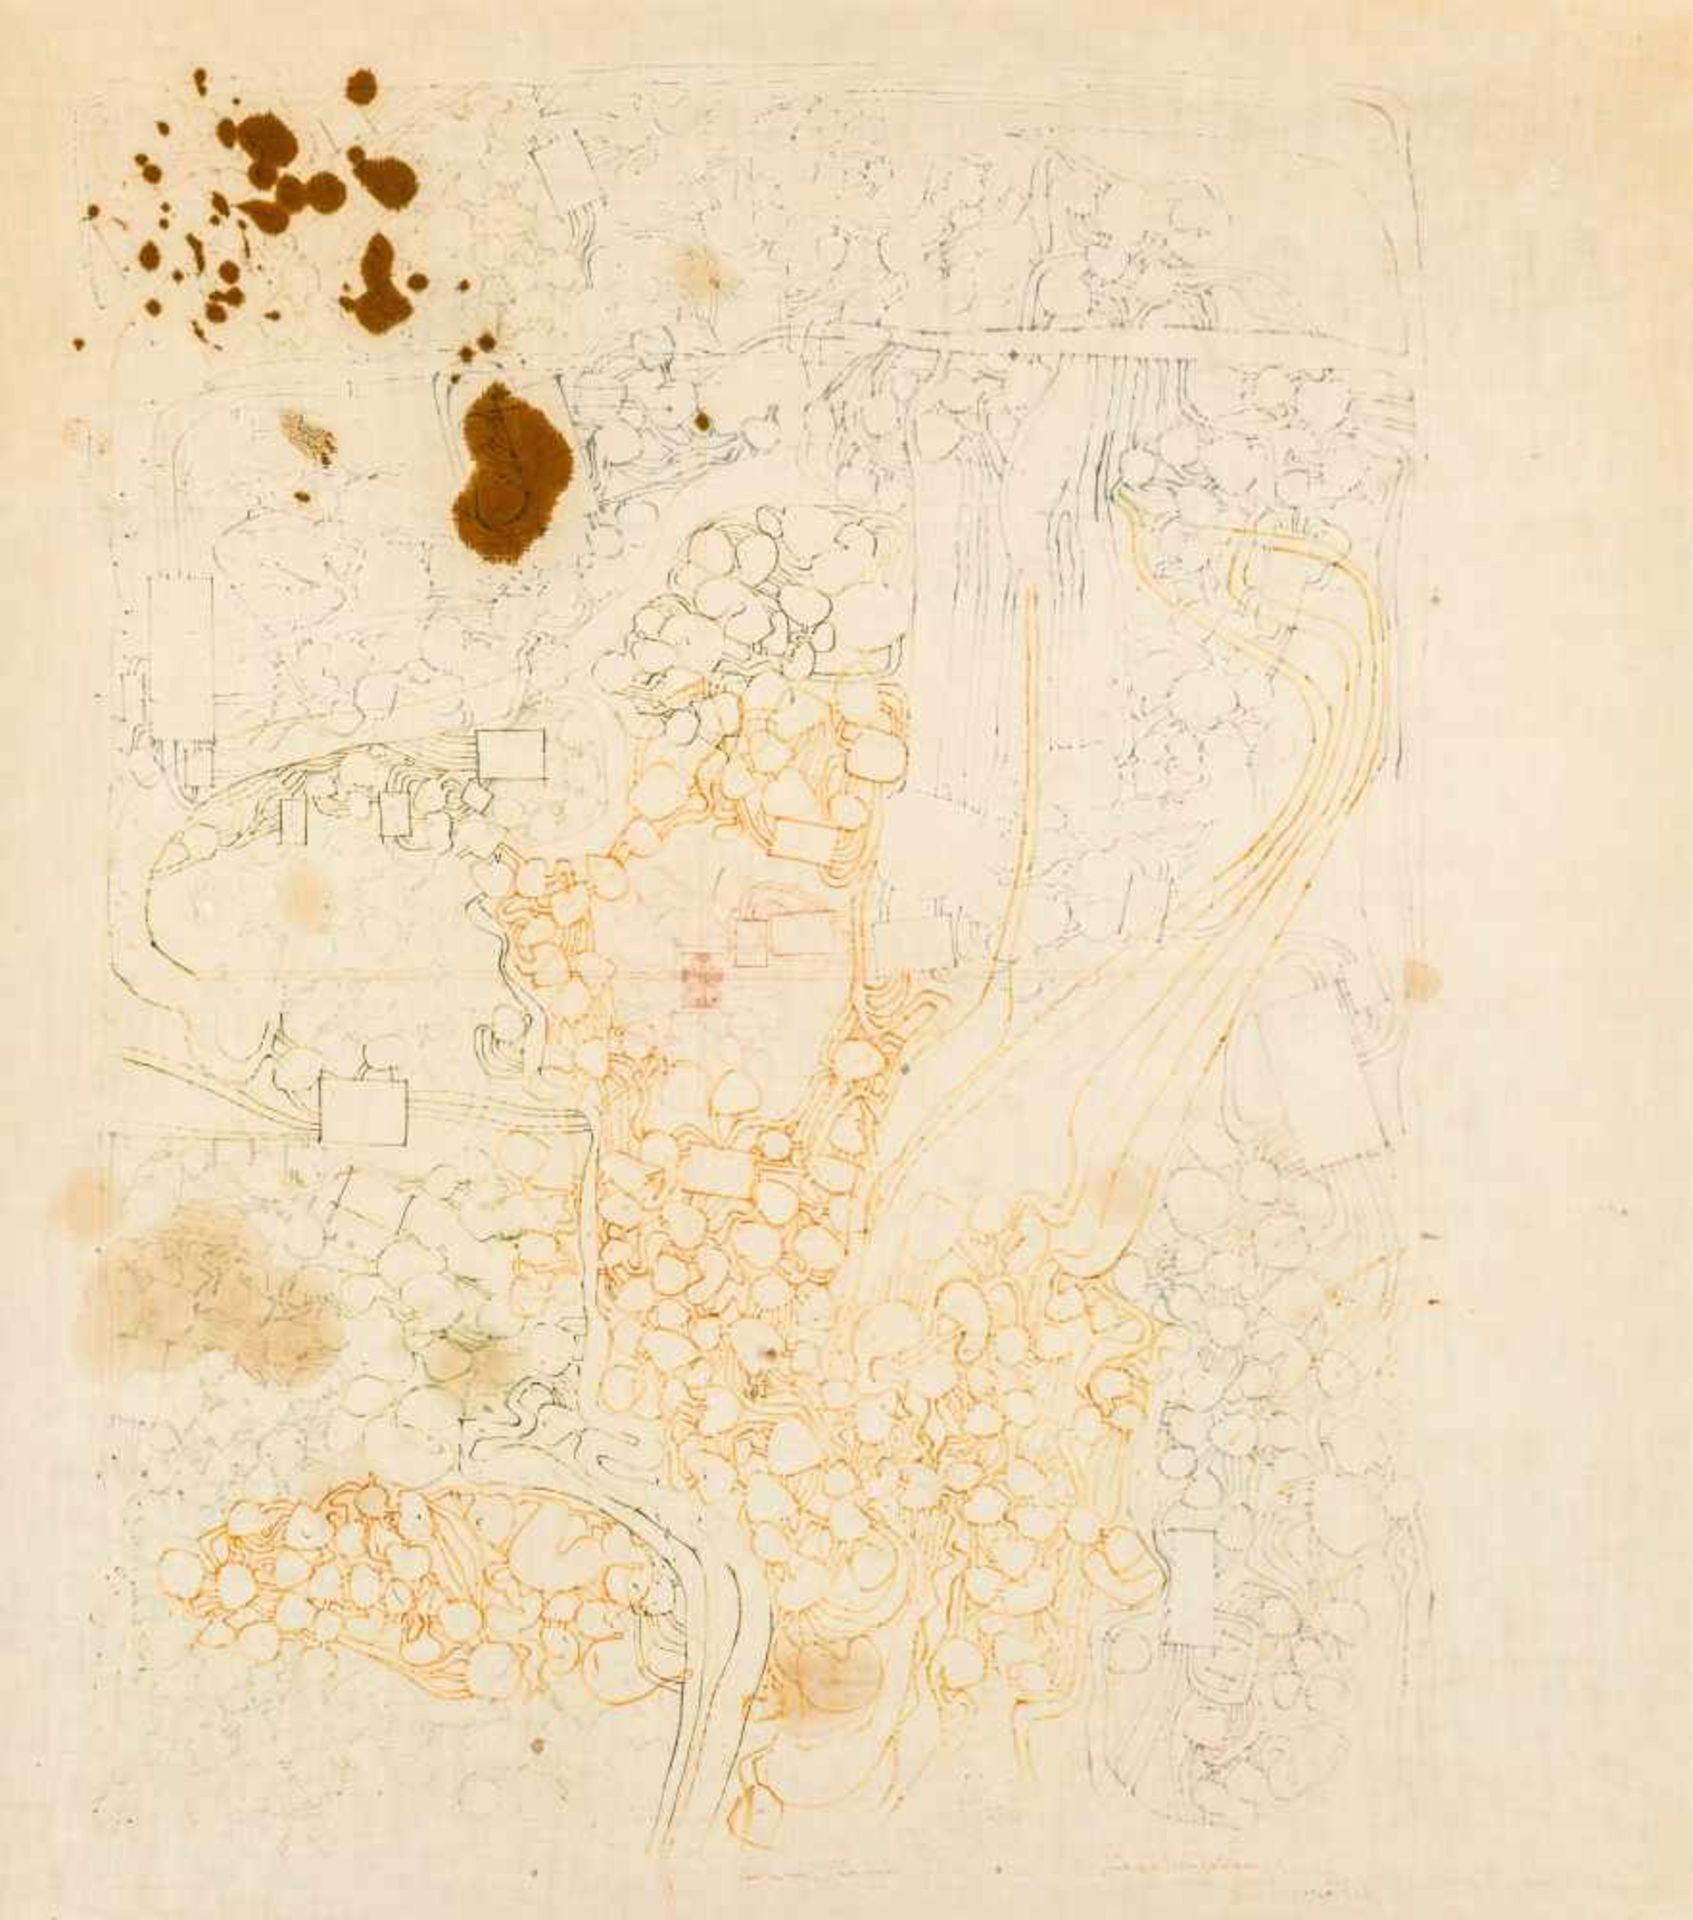 Los 19 - Hermann Nitsch Wien 1938 geb. Architekturzeichnung Farbstift und Blut auf Molino 90 x 80 cm 1978/